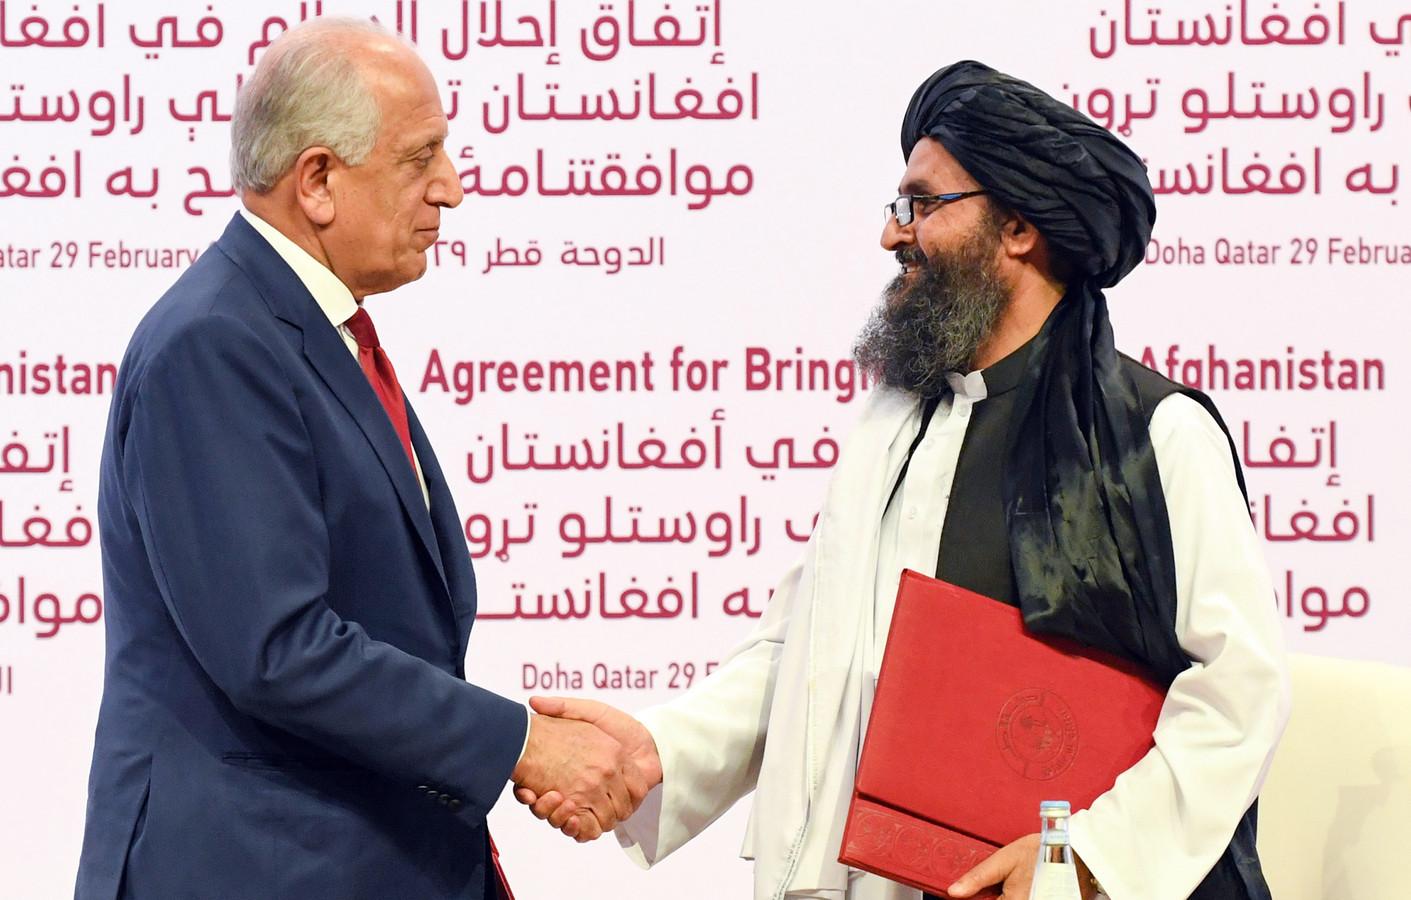 Amerikaans gezant Zalmay Khalilzad (links) en talibanleider Abdul Ghani Baradar bij de ondertekening van een vredesakkoord op 29 februari 2020